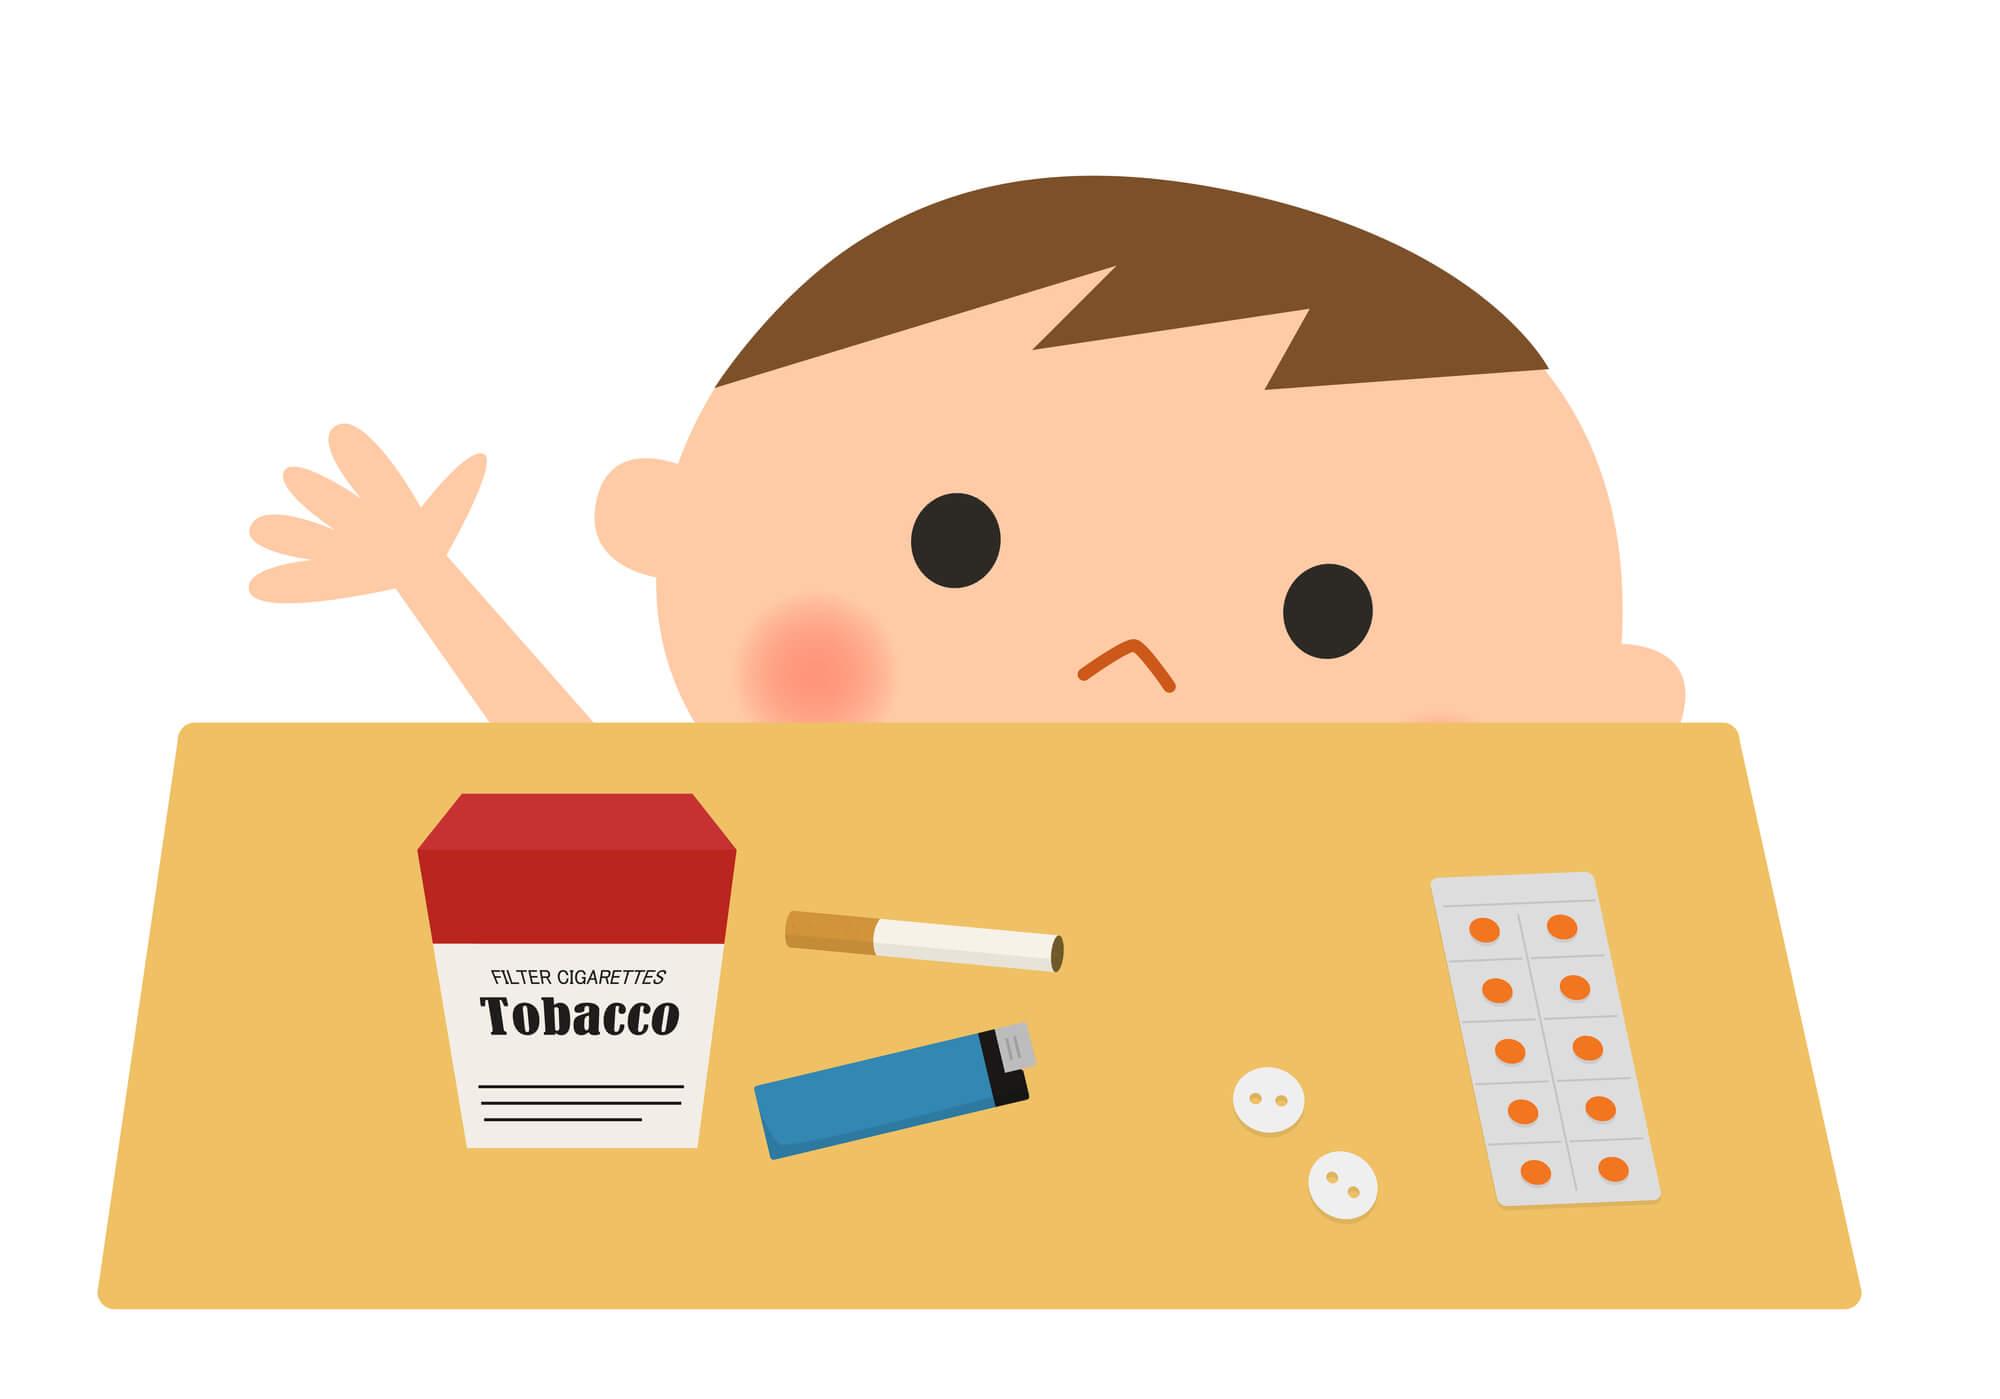 飲 赤ちゃん タバコ 誤